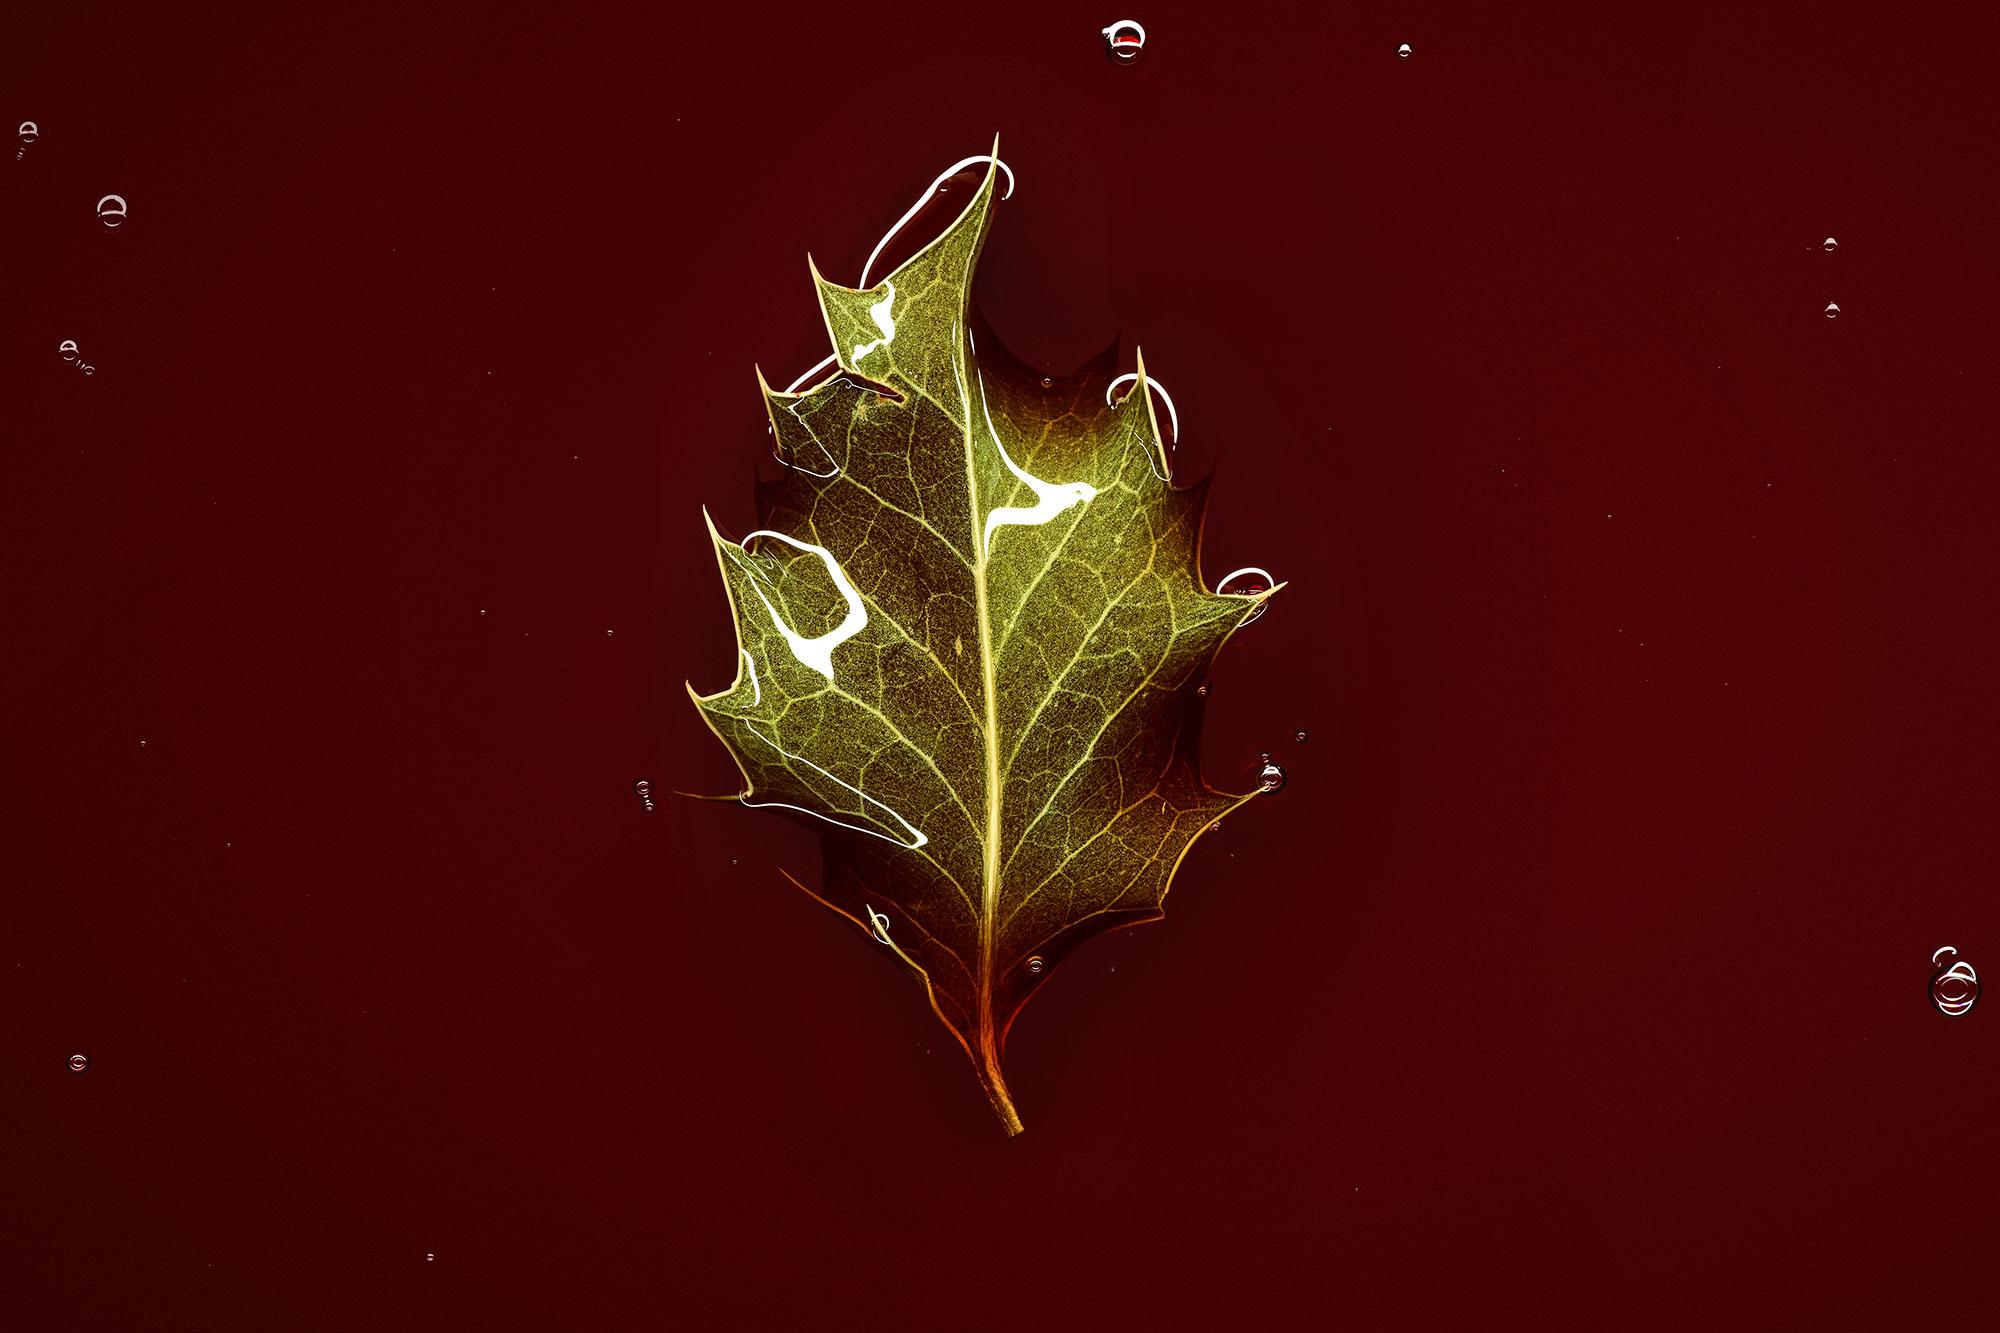 Les feuilles mortes photo by Luzzitelli Danieli Productions